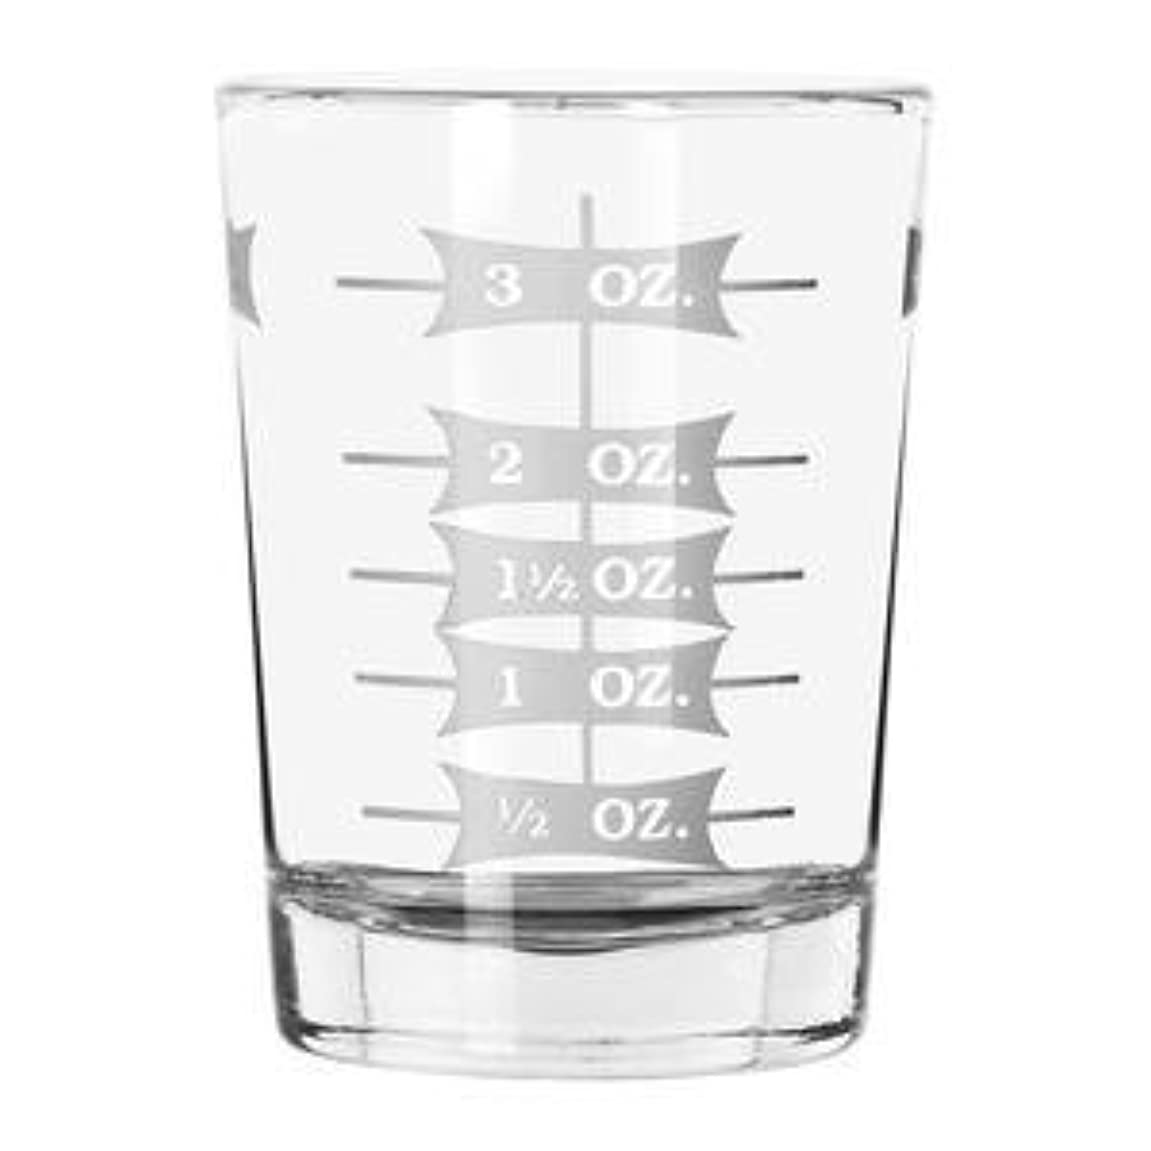 反対したストリップスーツ(2) - Shot Glass, Two - 120ml Professional Measuring Glasses Jiggers (2)